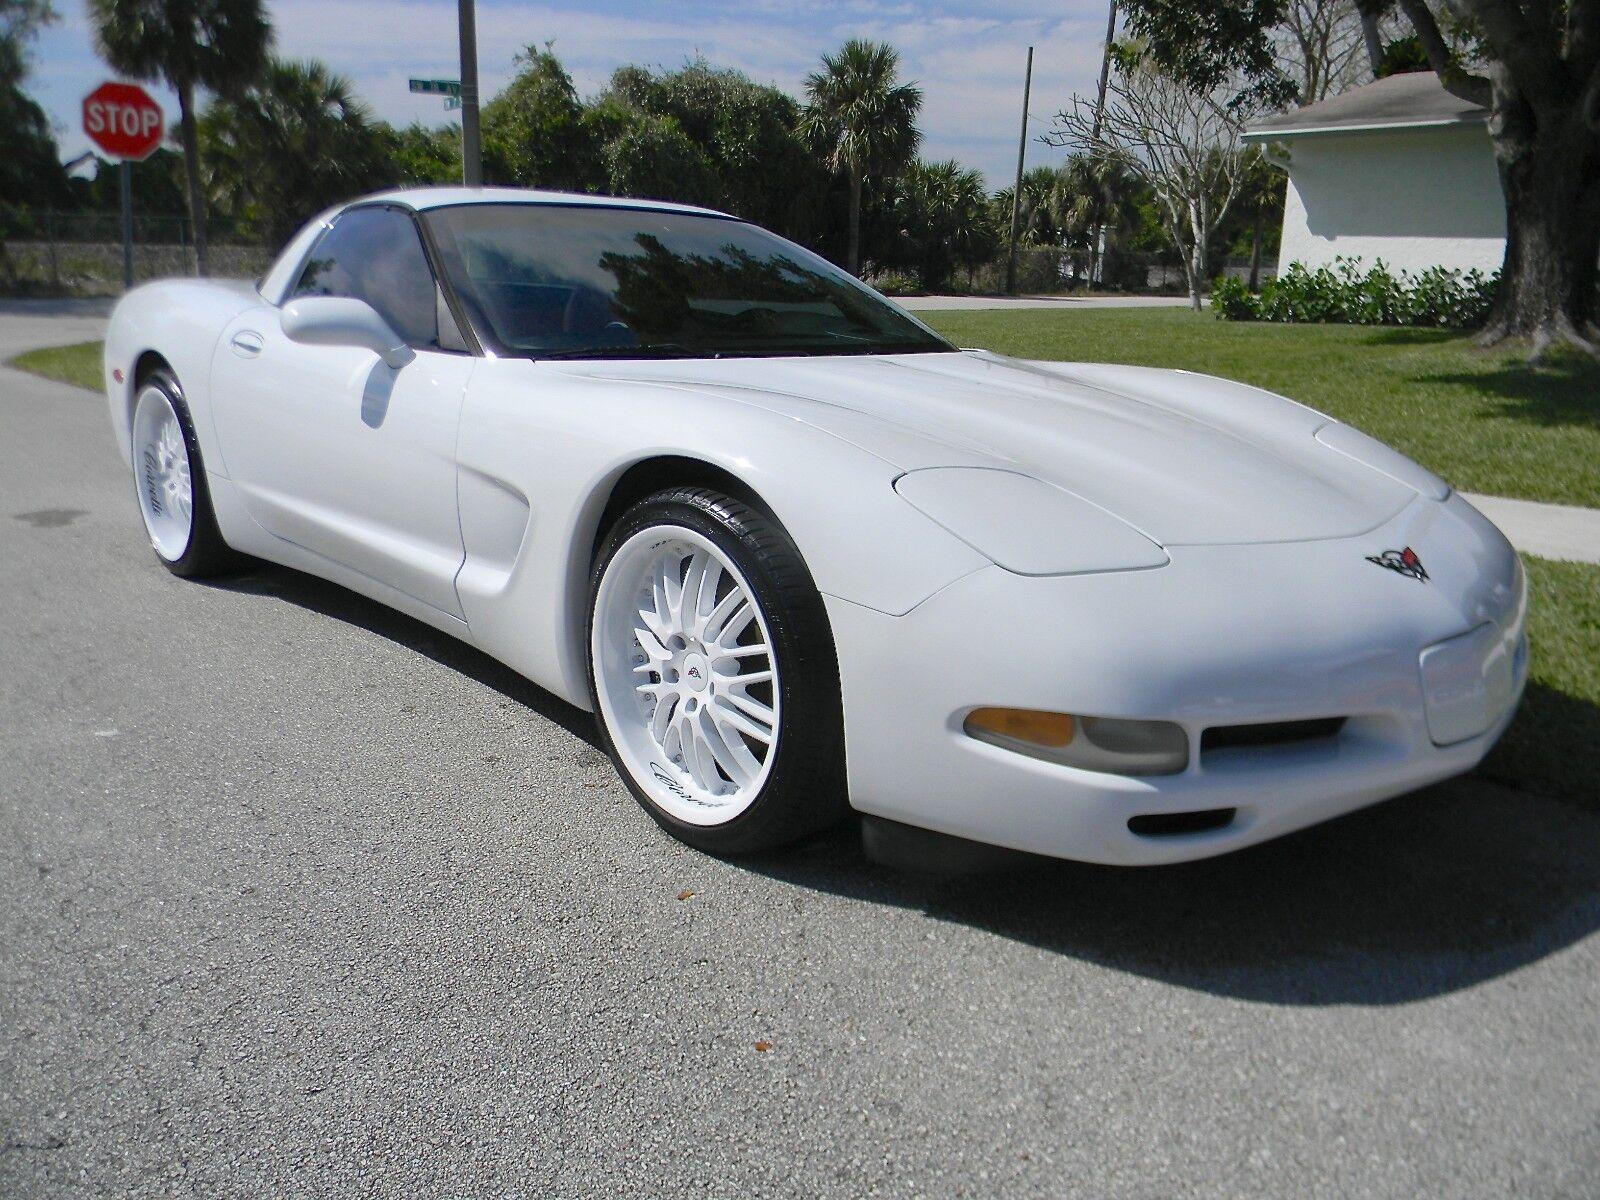 2000 White Chevrolet Corvette   | C5 Corvette Photo 1